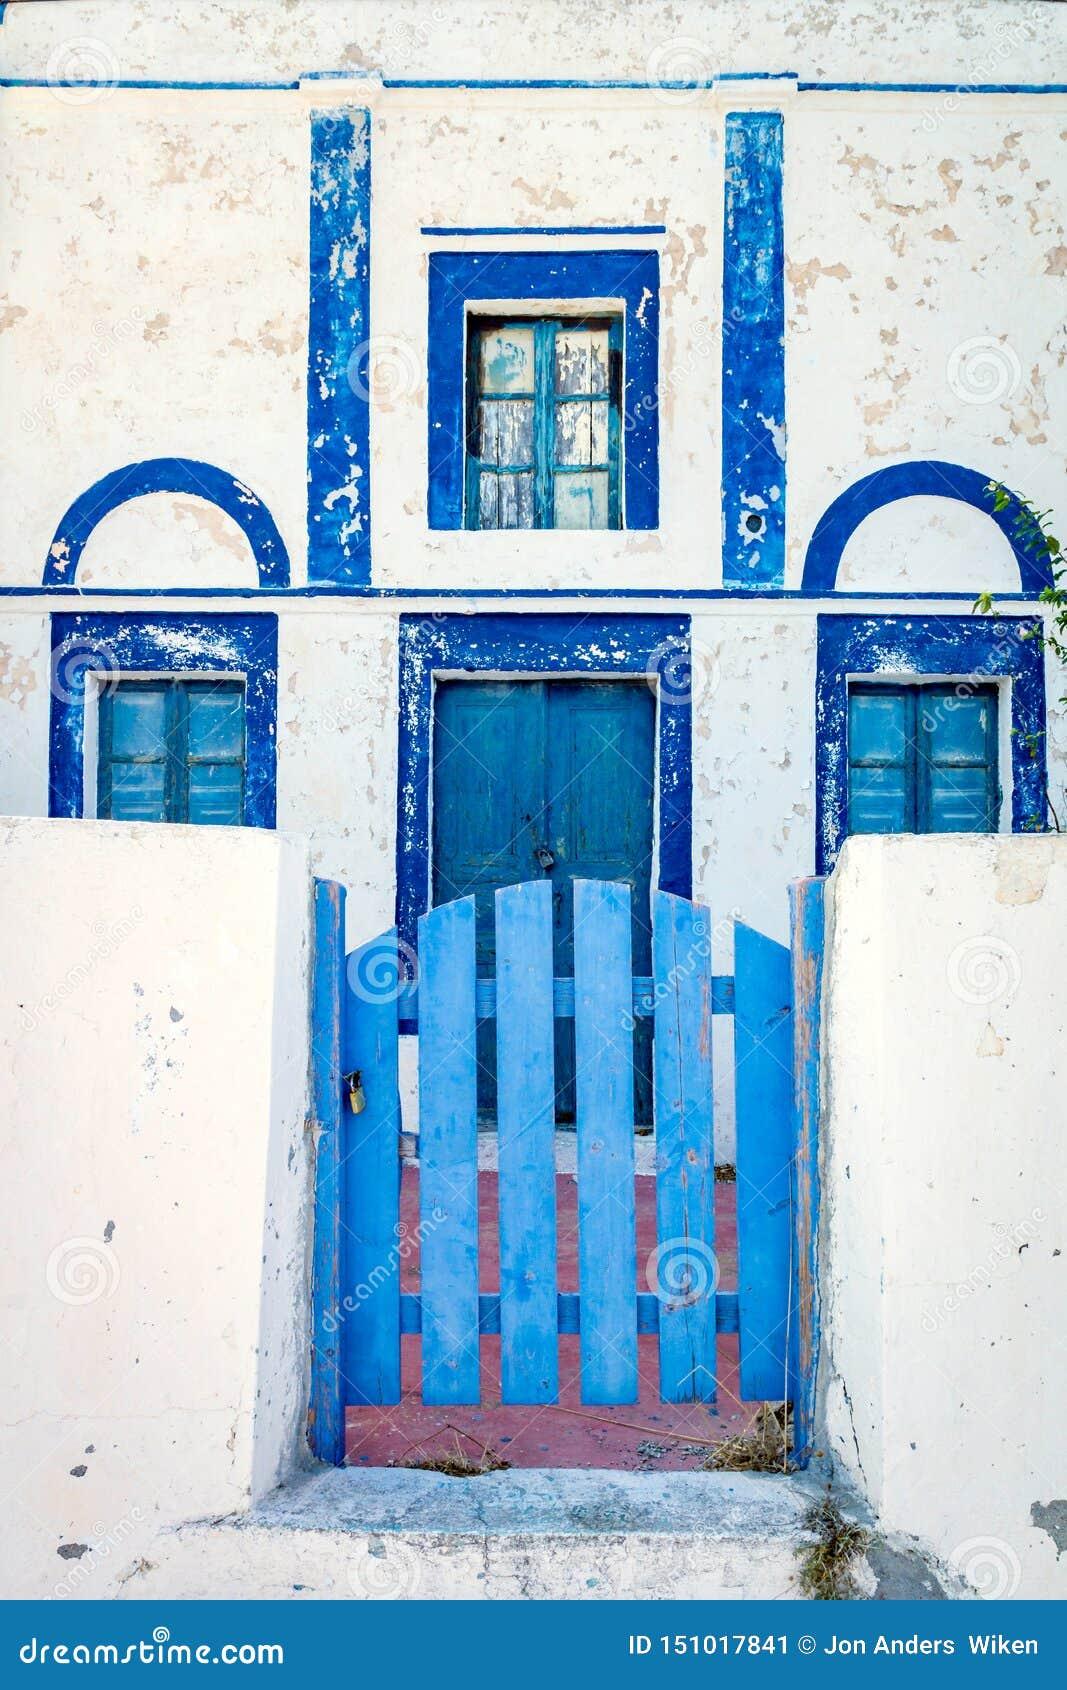 Casa em Santorini/Grécia com portas e as janelas azuis